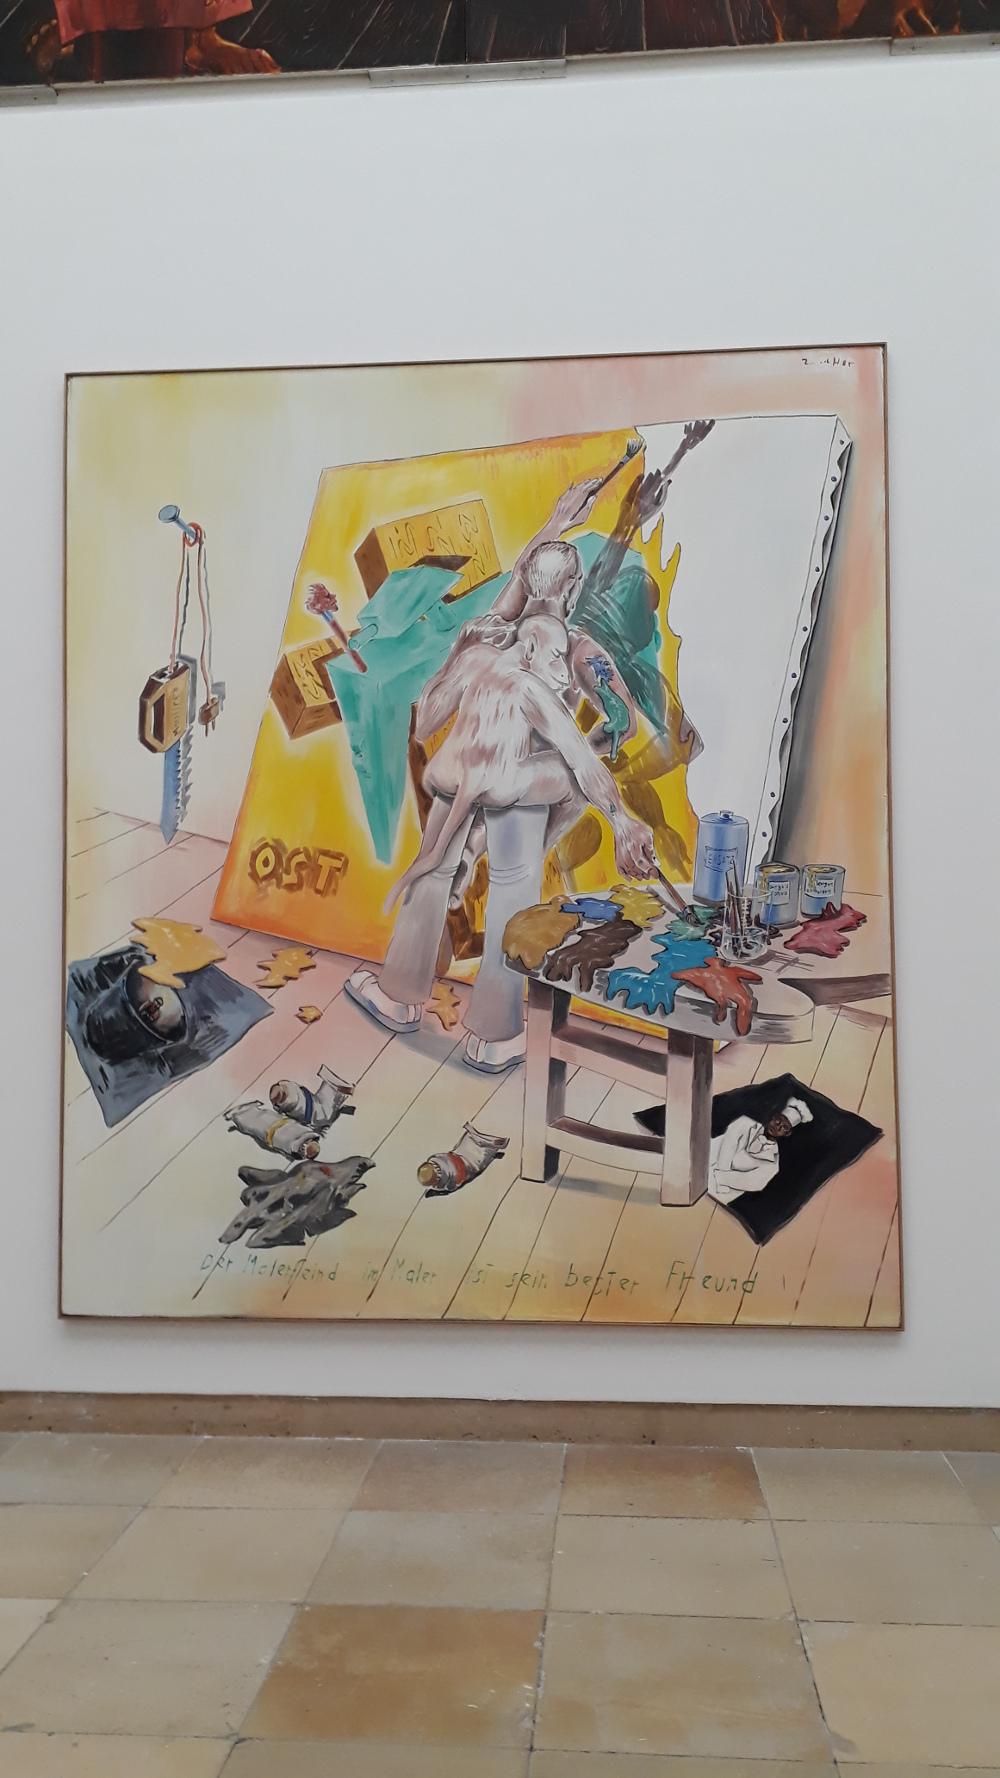 Jörg Immendorf | Der Malerfein im Maler ist sein bester Freund | 1985 | Öl auf Leinwand | Foto: Sven Biller